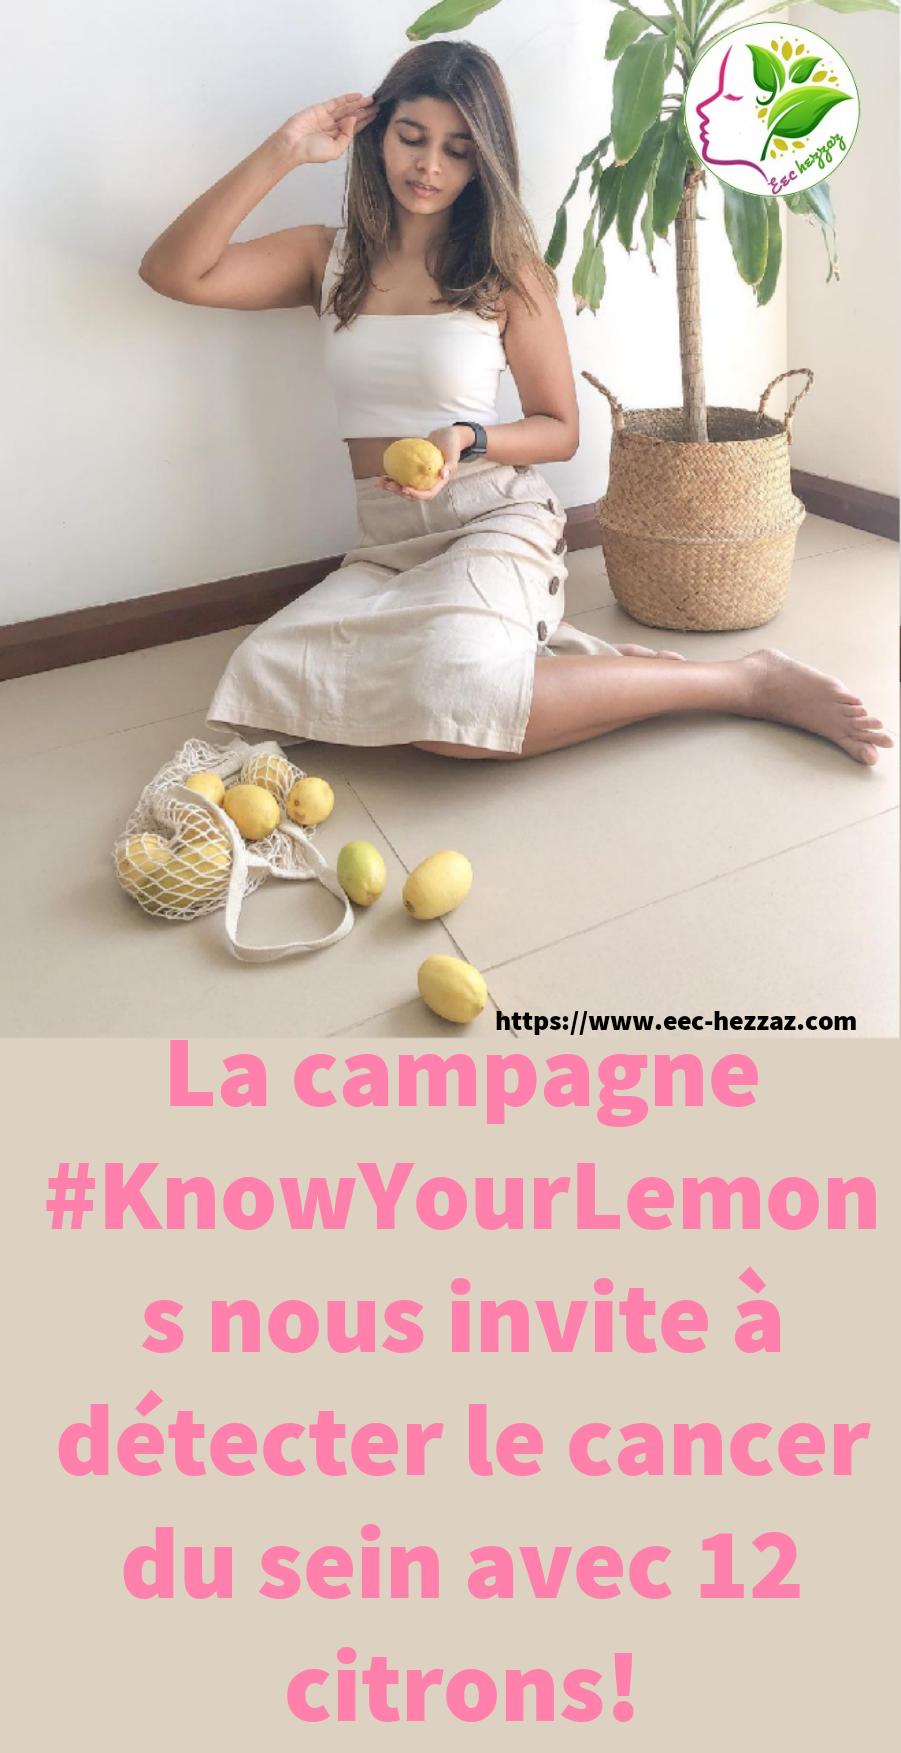 La campagne #KnowYourLemons nous invite à détecter le cancer du sein avec 12 citrons!